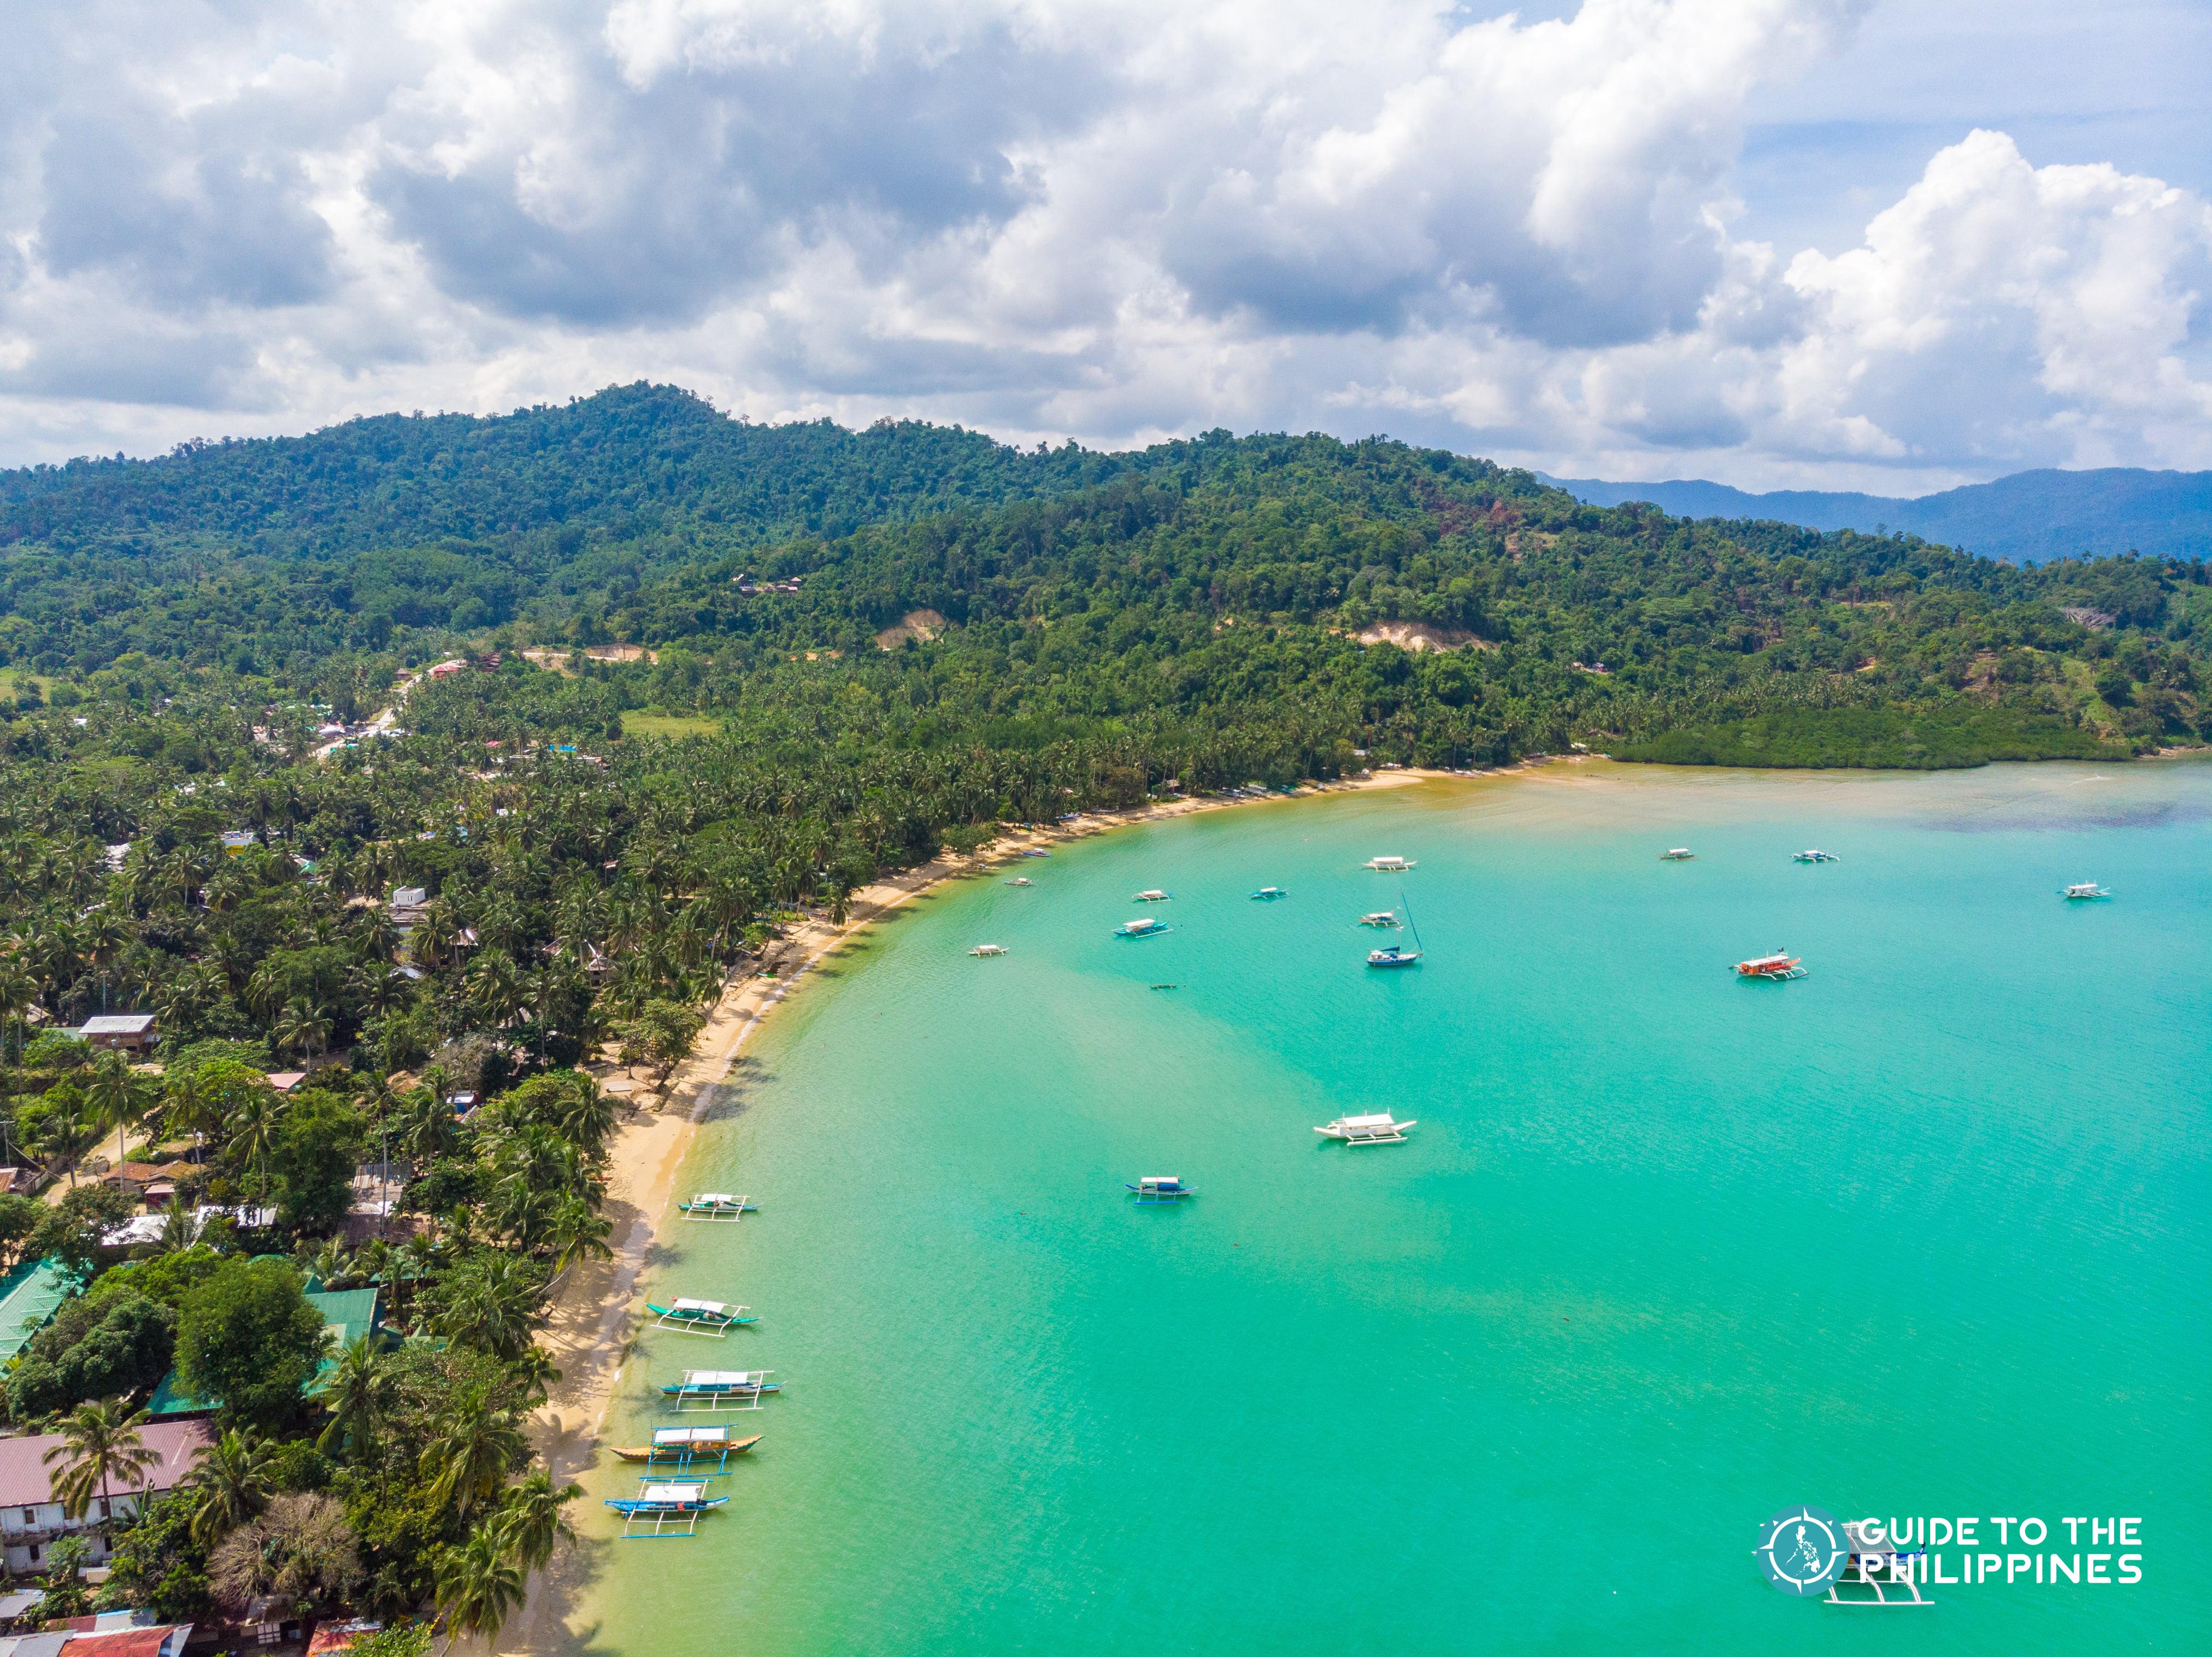 Beach in Port Barton Palawan